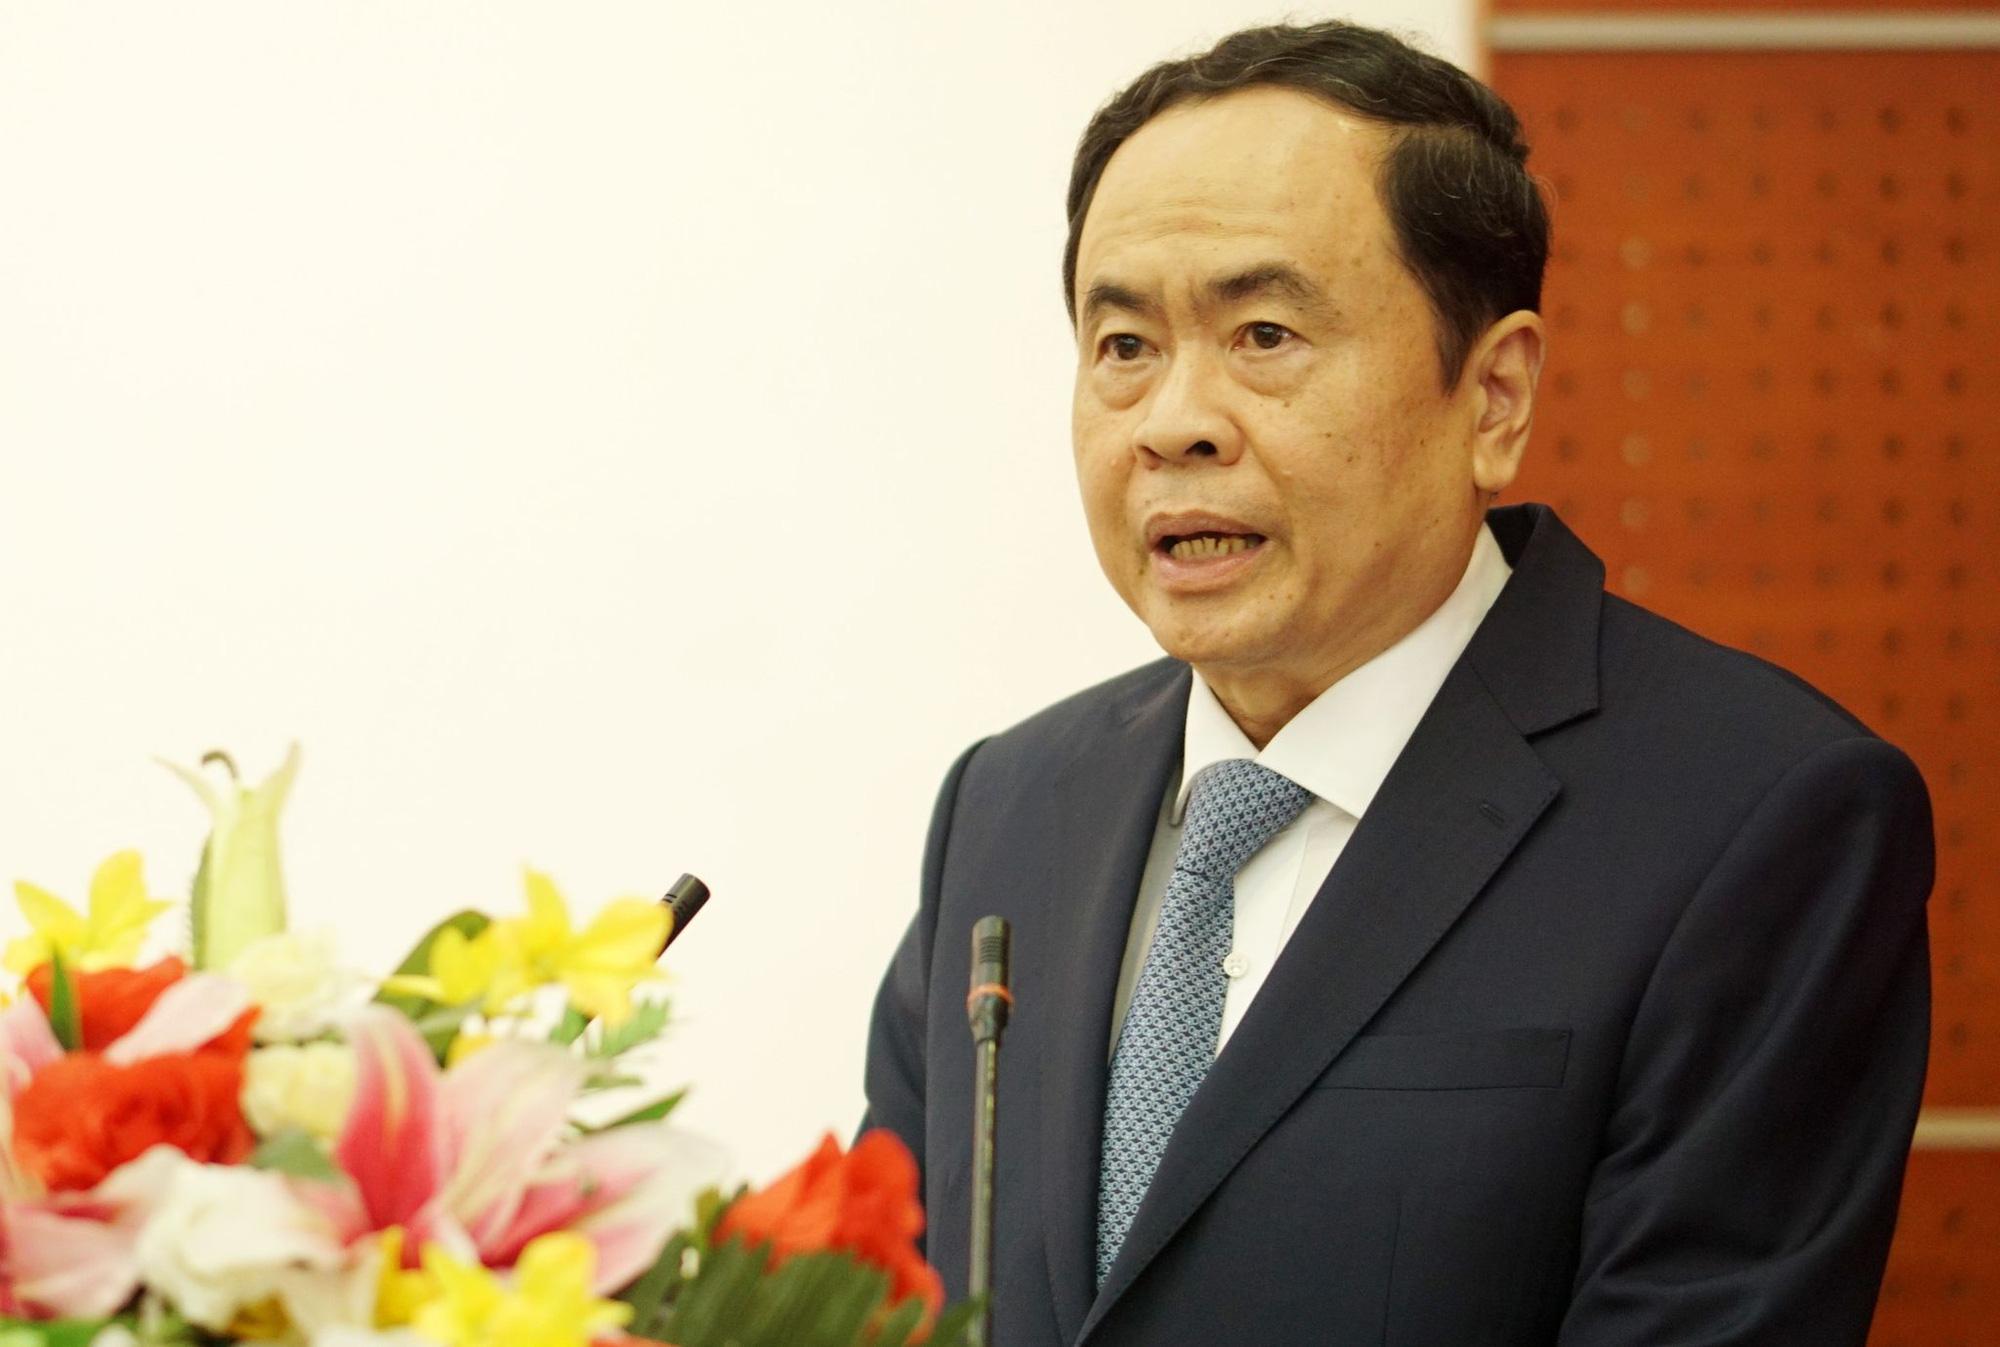 """Ủy viên Bộ Chính trị Trần Thanh Mẫn """"mách"""" cách cho người ứng cử nếu dân hỏi không trúng cử thì làm gì - Ảnh 1."""